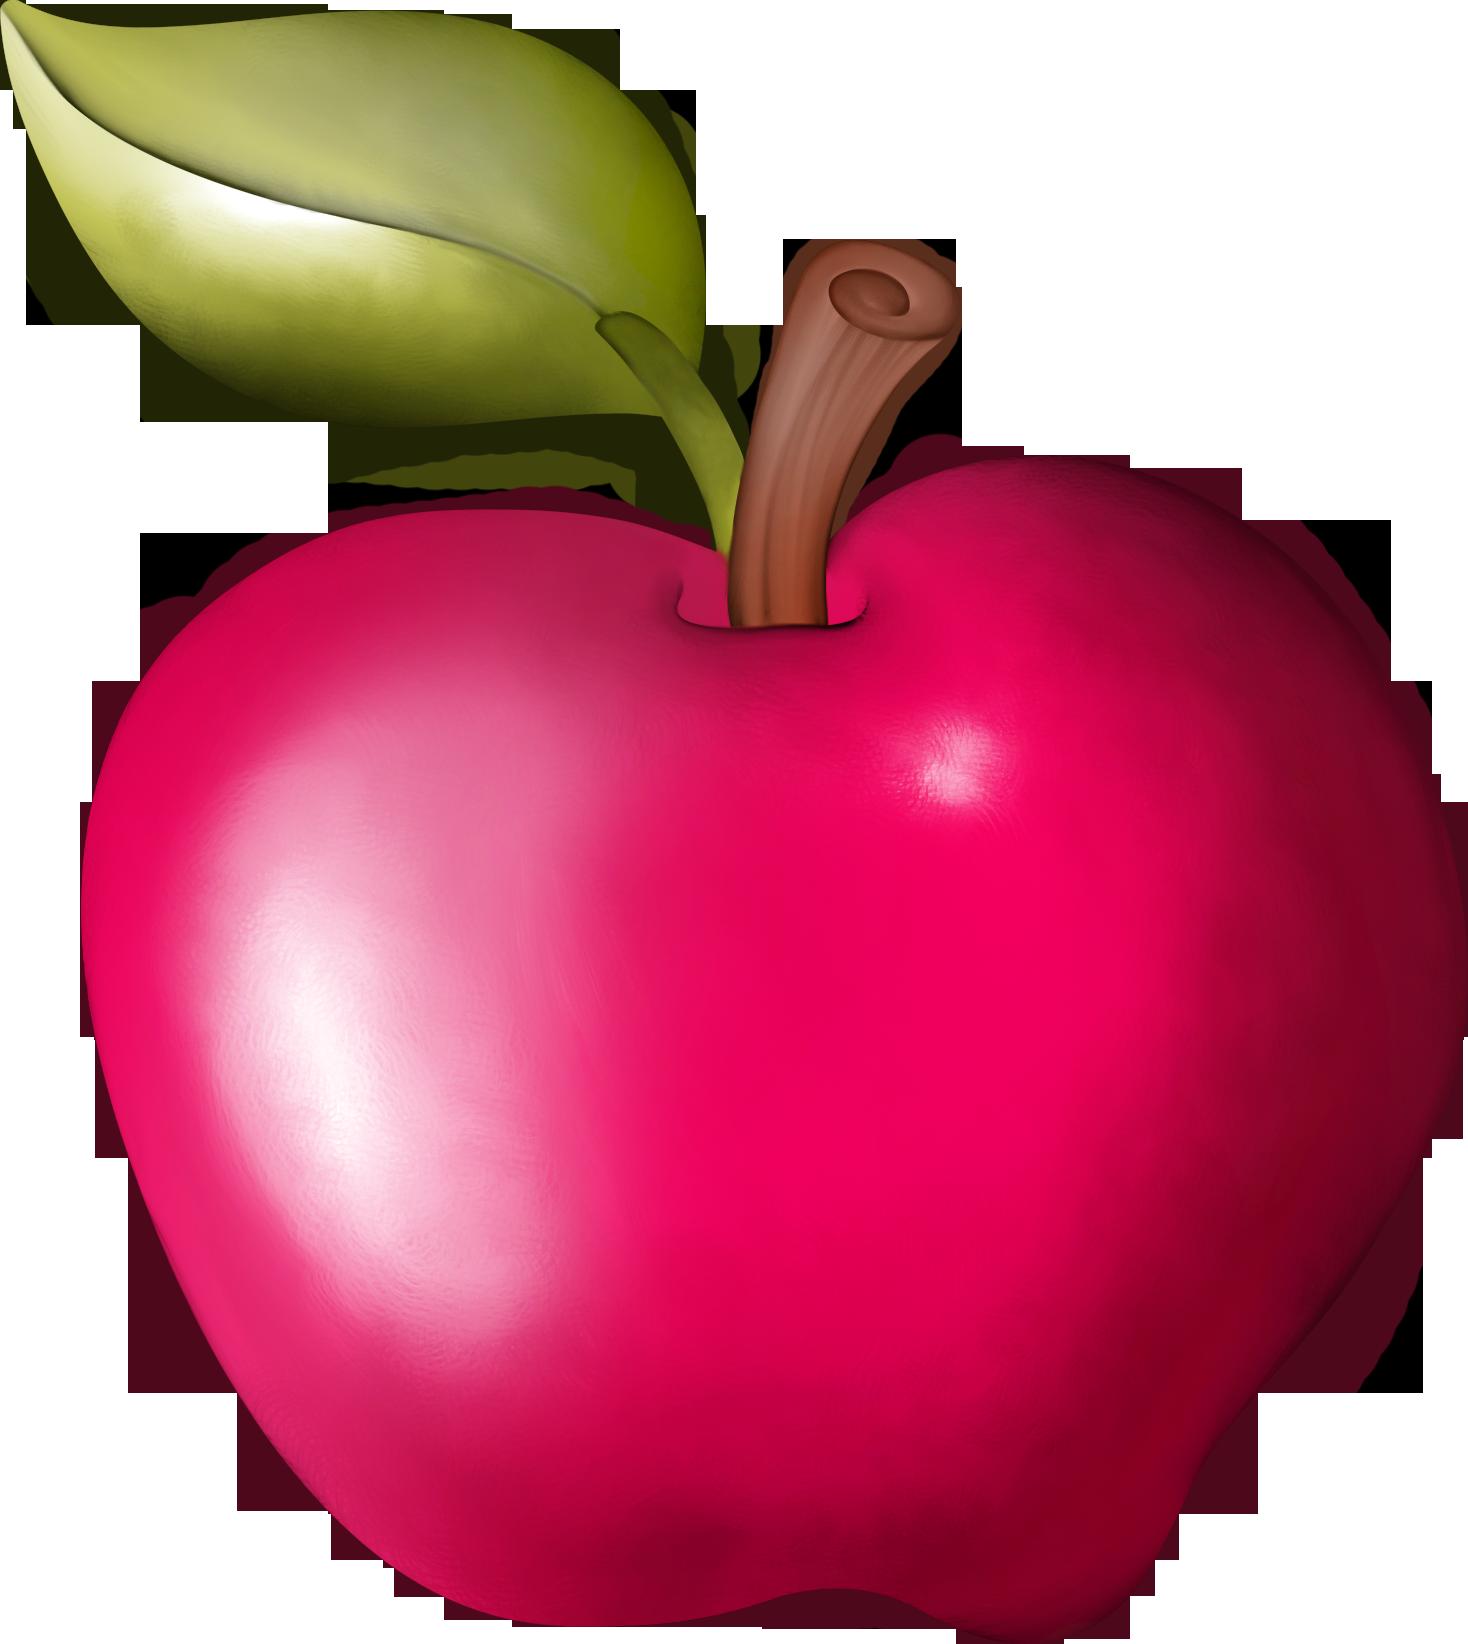 Фрукты, овощи и ягоды растровый клипарт Зеленое Яблоко Клипарт